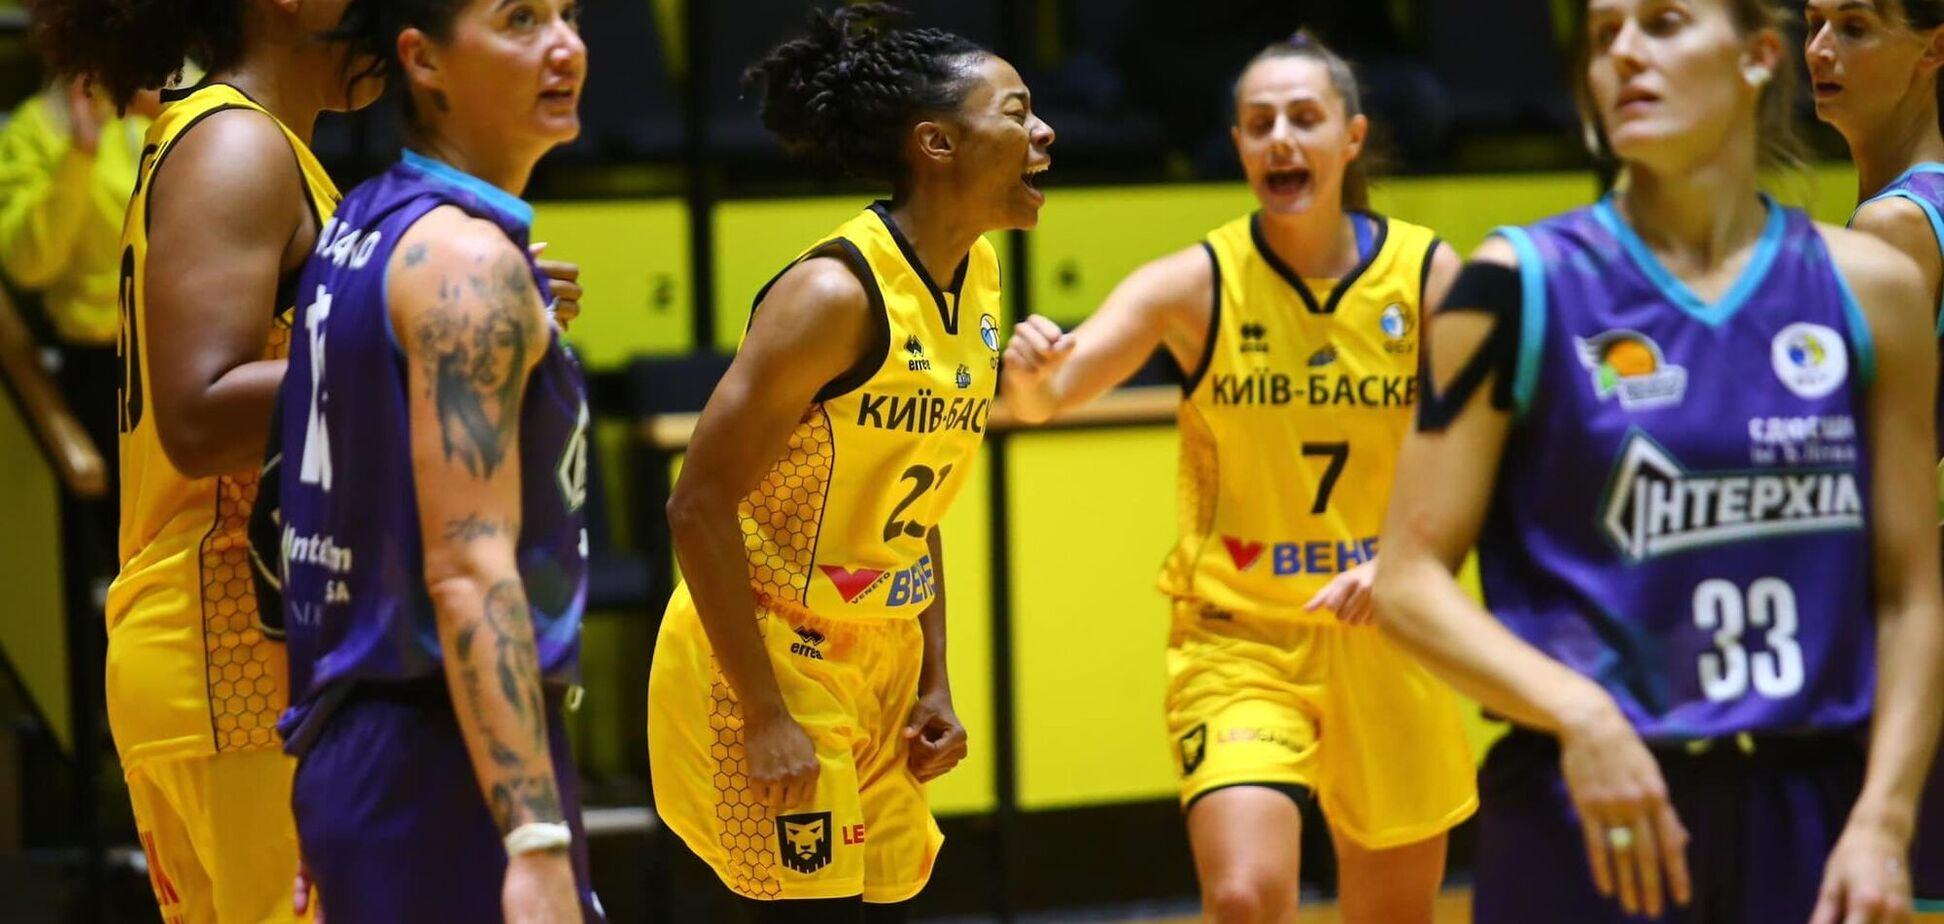 'Киев-Баскет' обыграл 'Интерхим' в первом матче женской Суперлиги